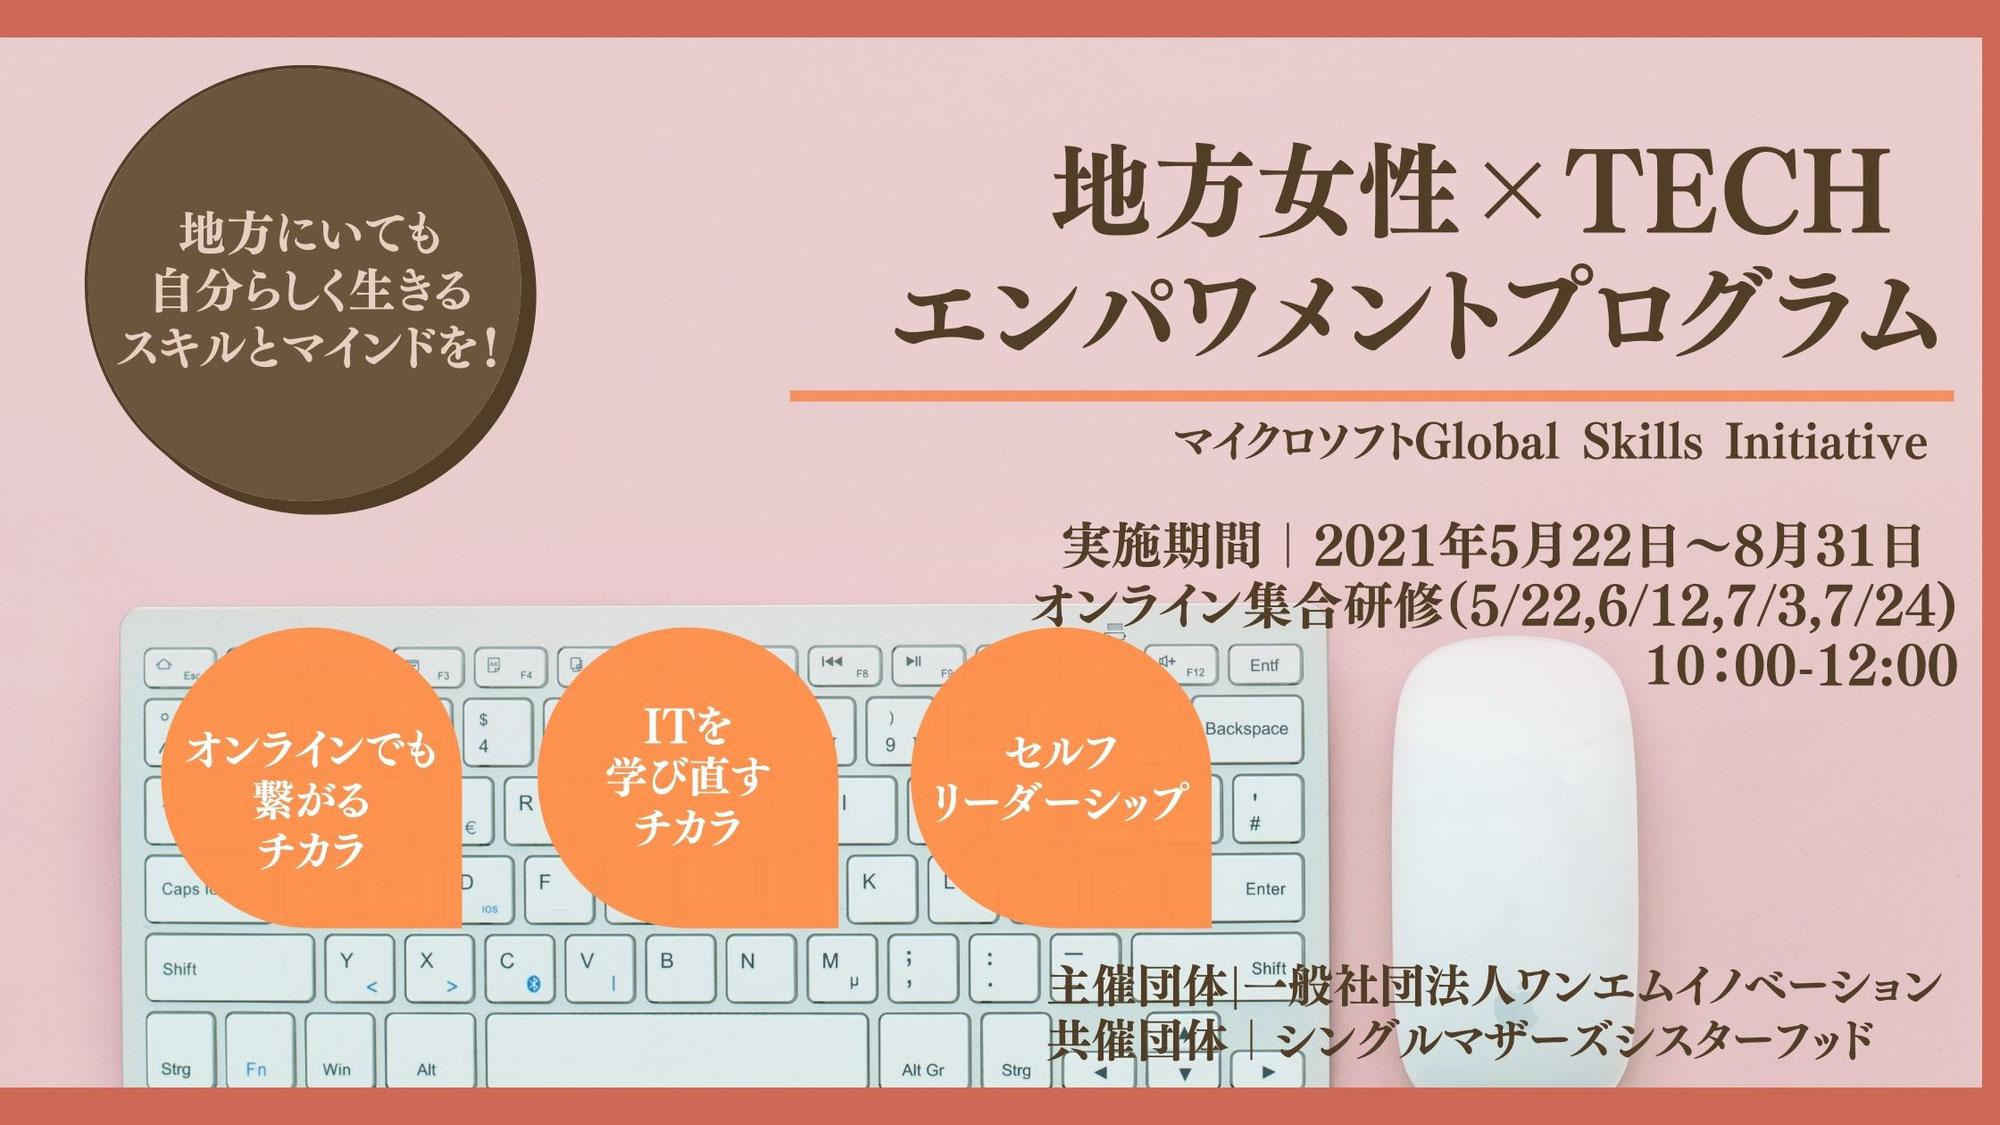 地方女性 ×TECH エンパワメントプログラム マイクロソフトGlobal Skills Initiative